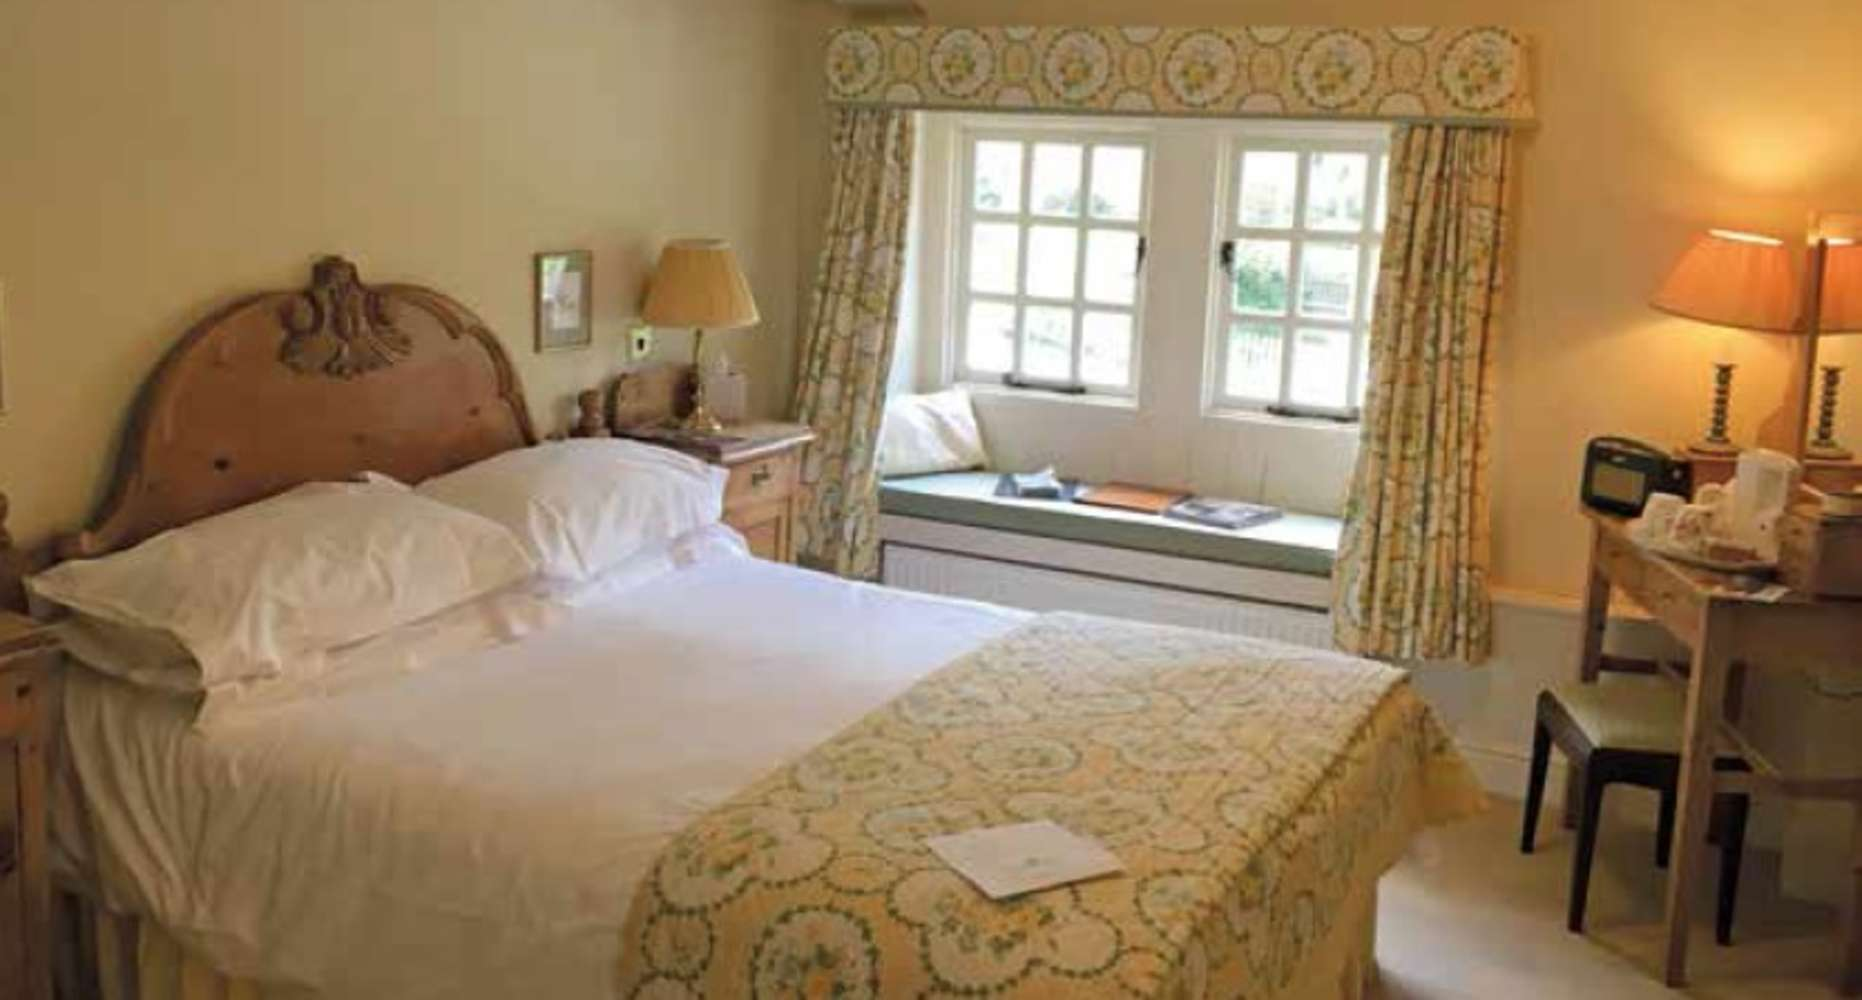 Hotel Cockermouth, CA13 9YE - The Pheasant Inn - 3